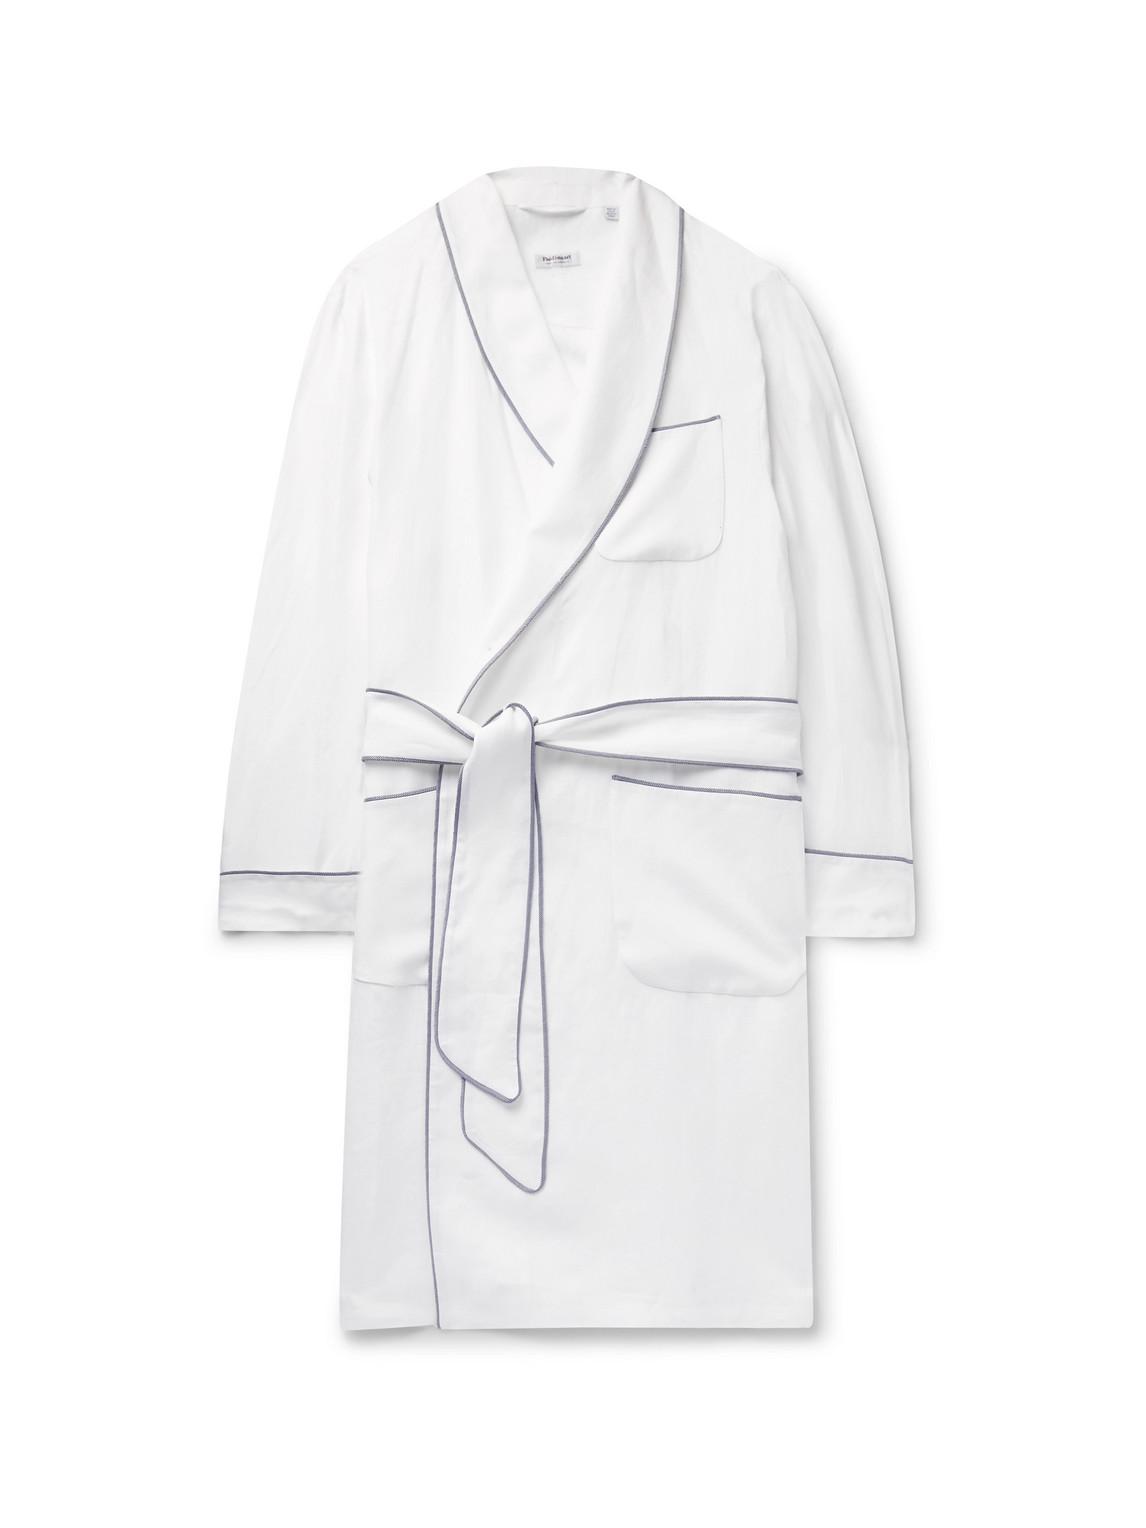 paul stuart - piped linen robe - men - white - m